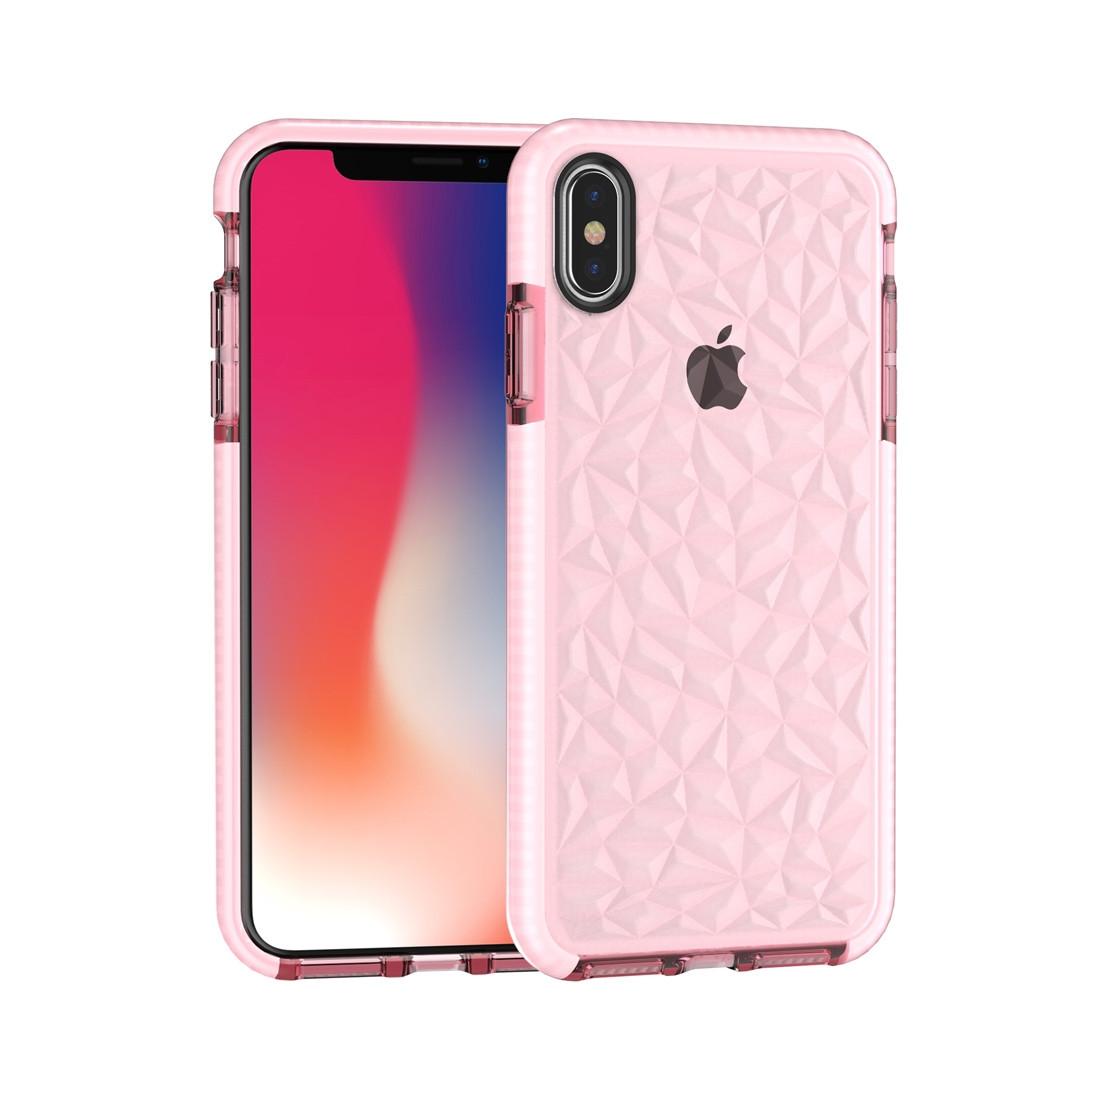 coque iphone xs max tpu